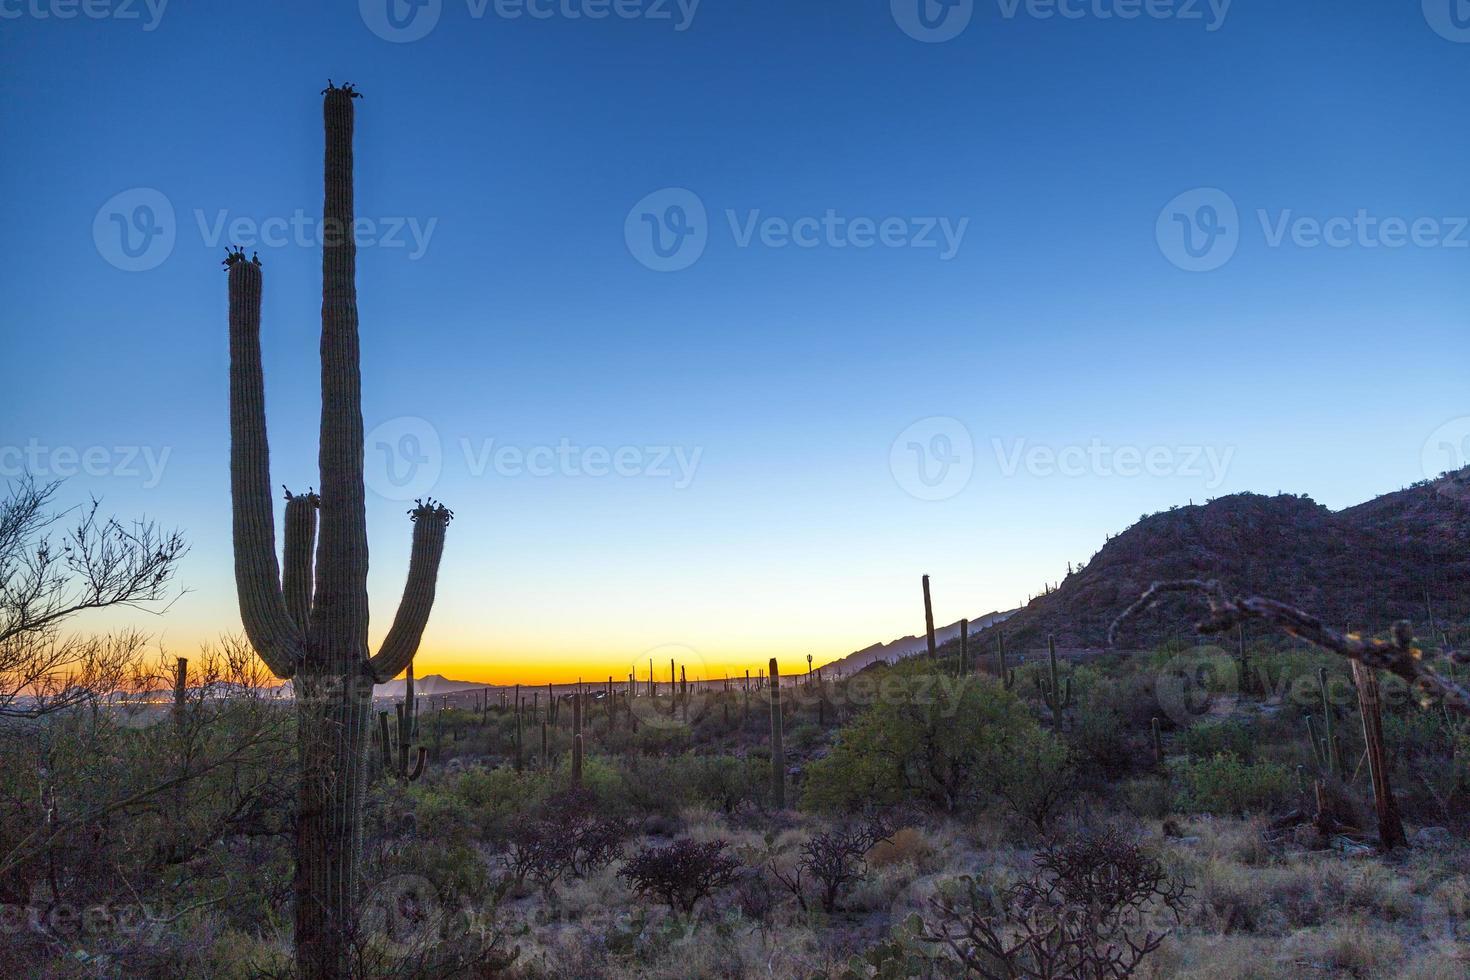 pôr do sol com cactos verdes lindos na paisagem foto